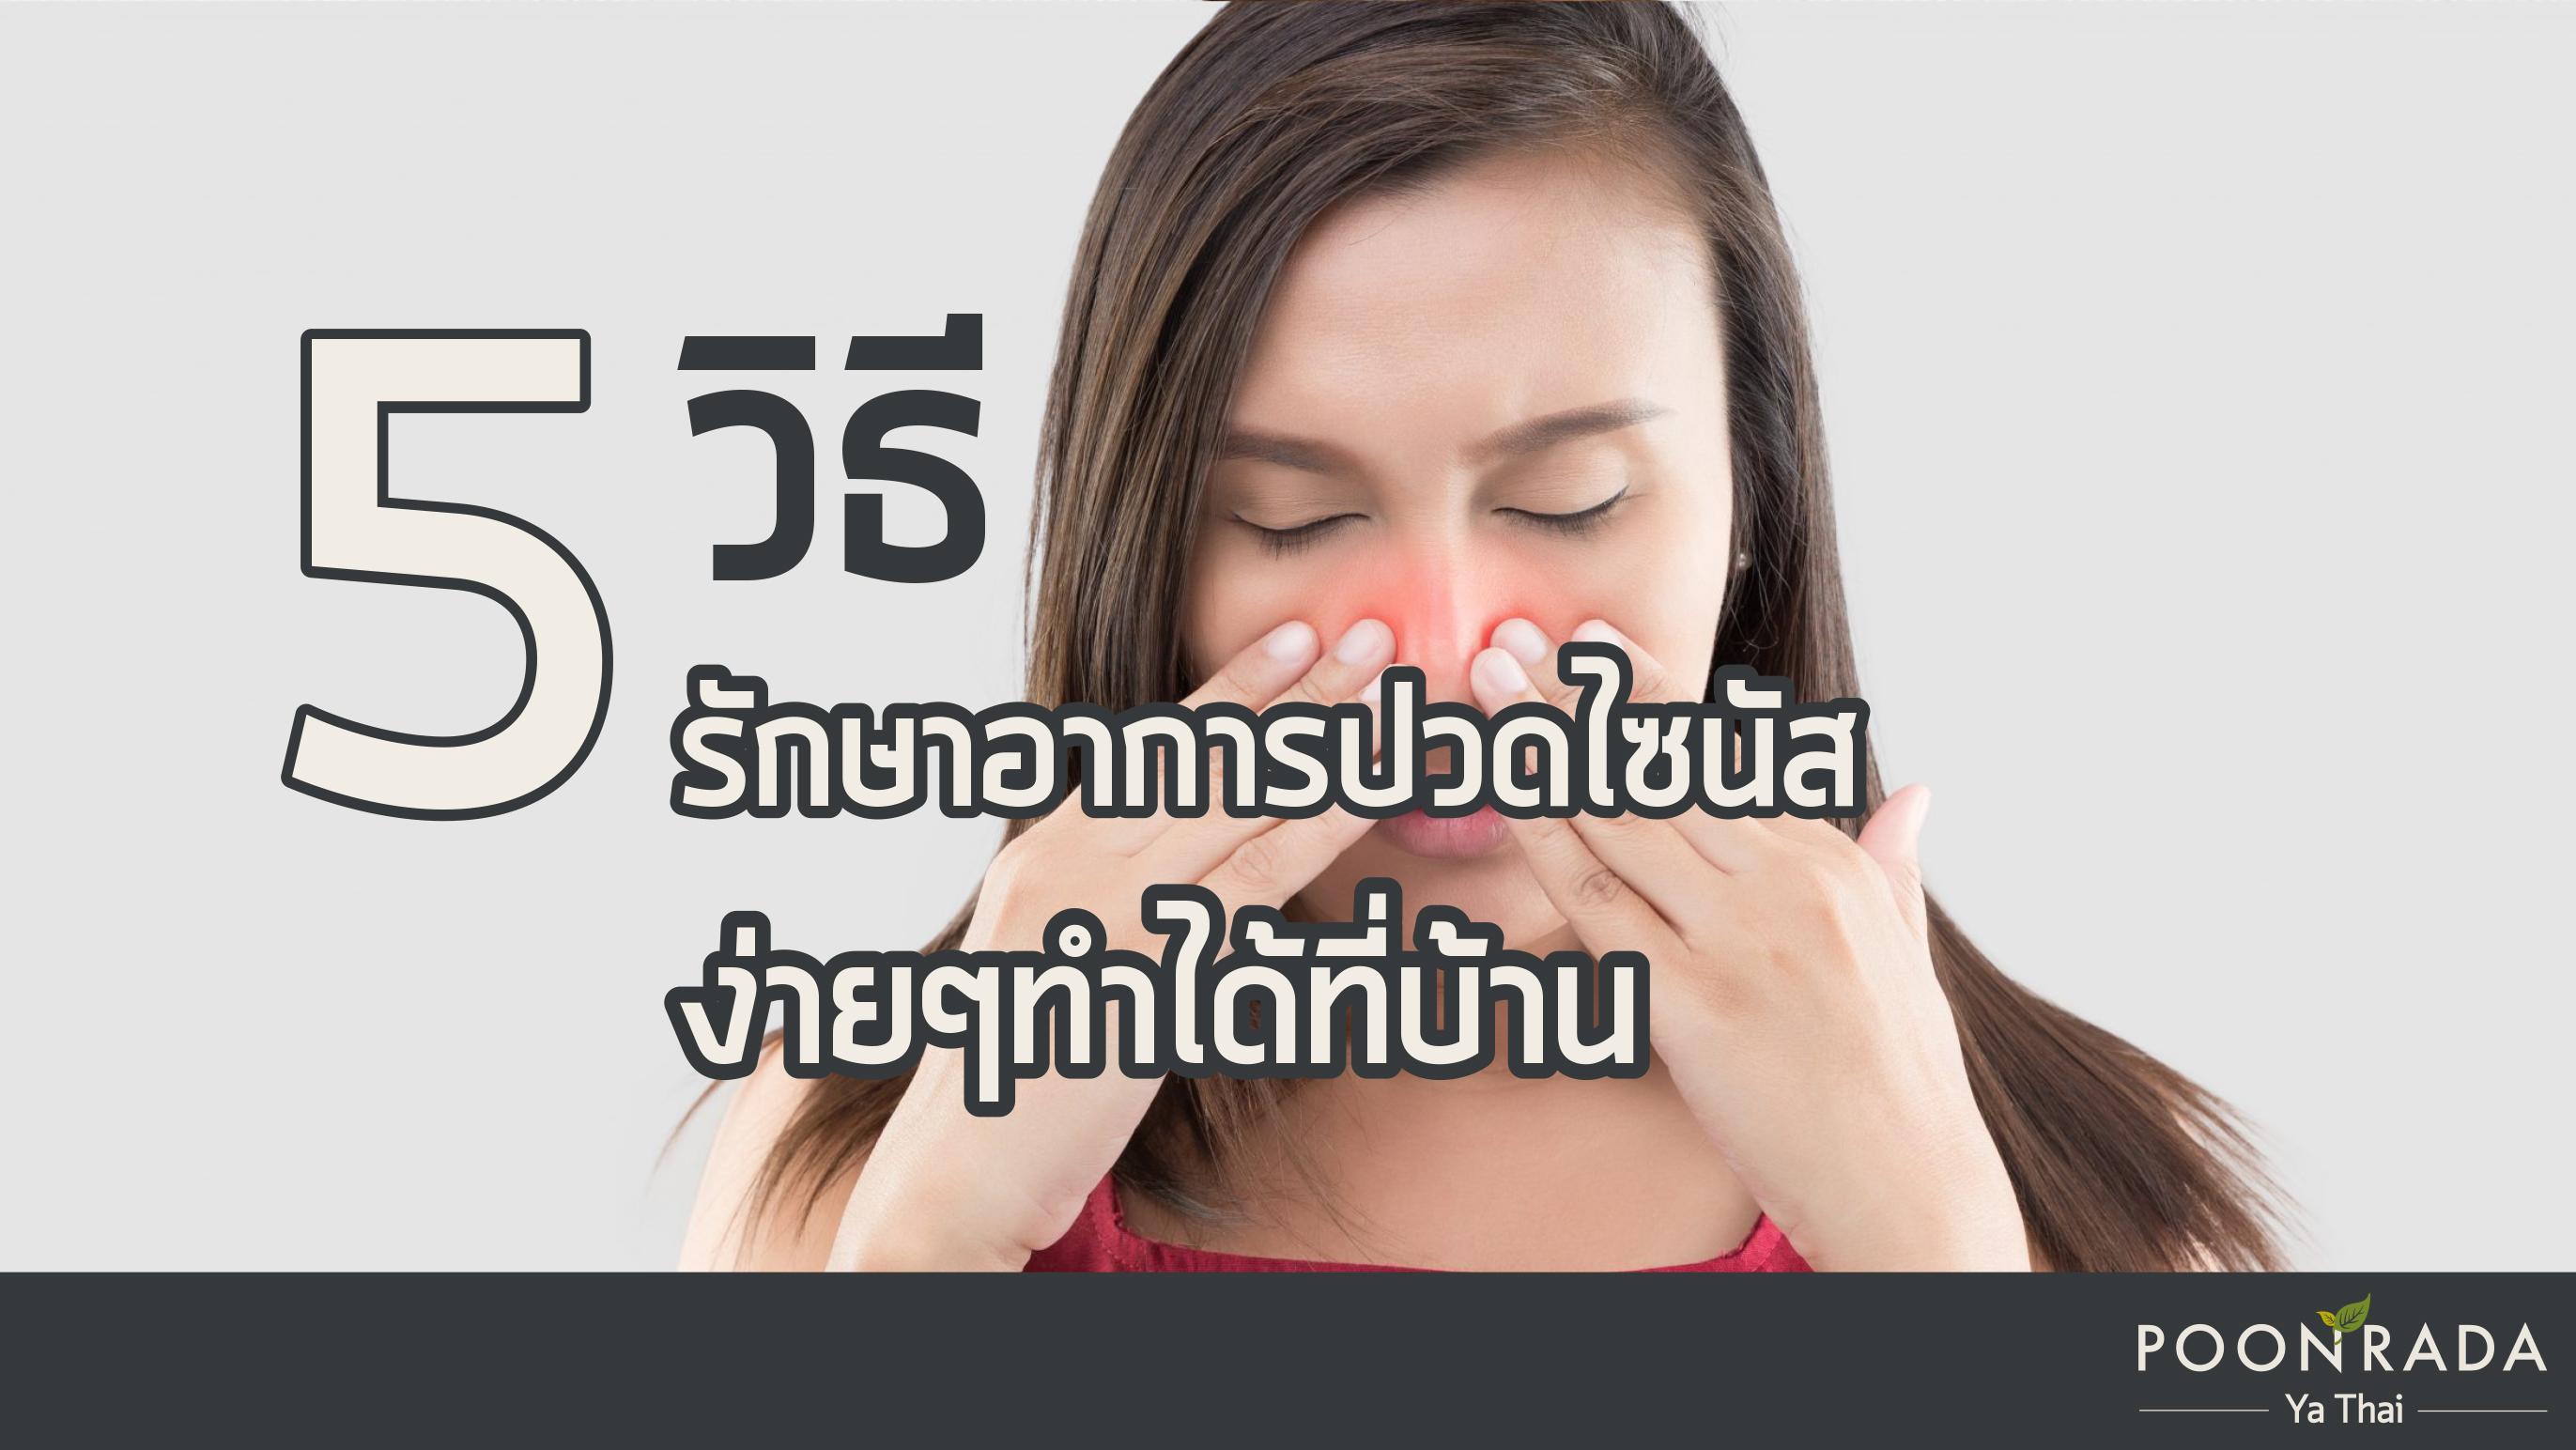 5 วิธีรักษาอาการปวดไซนัสง่ายๆทำได้ที่บ้าน